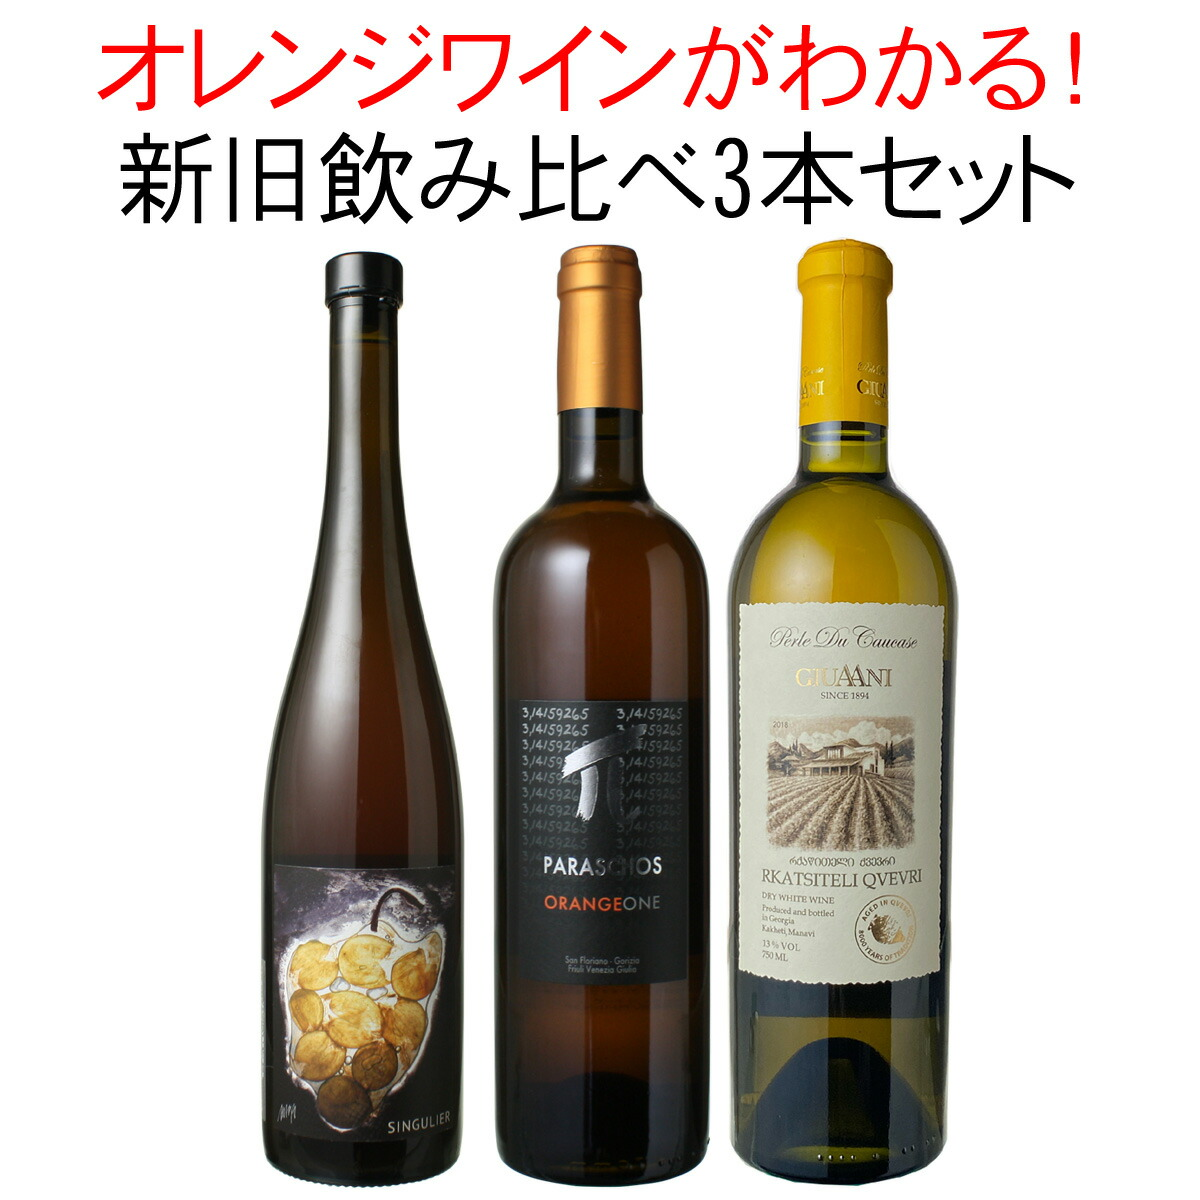 ワインセット コレを飲めばオレンジワインがわかる! 新旧 飲み比べ オレンジワイン 3本セット